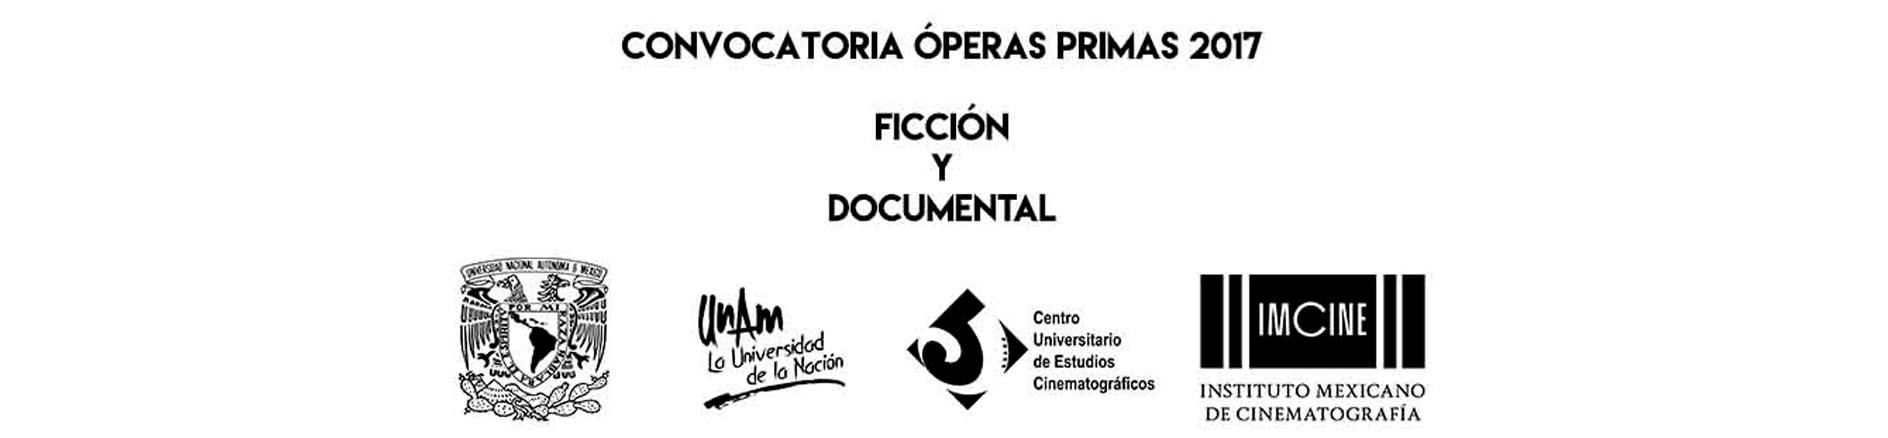 Convocatoria óperas primas 2017